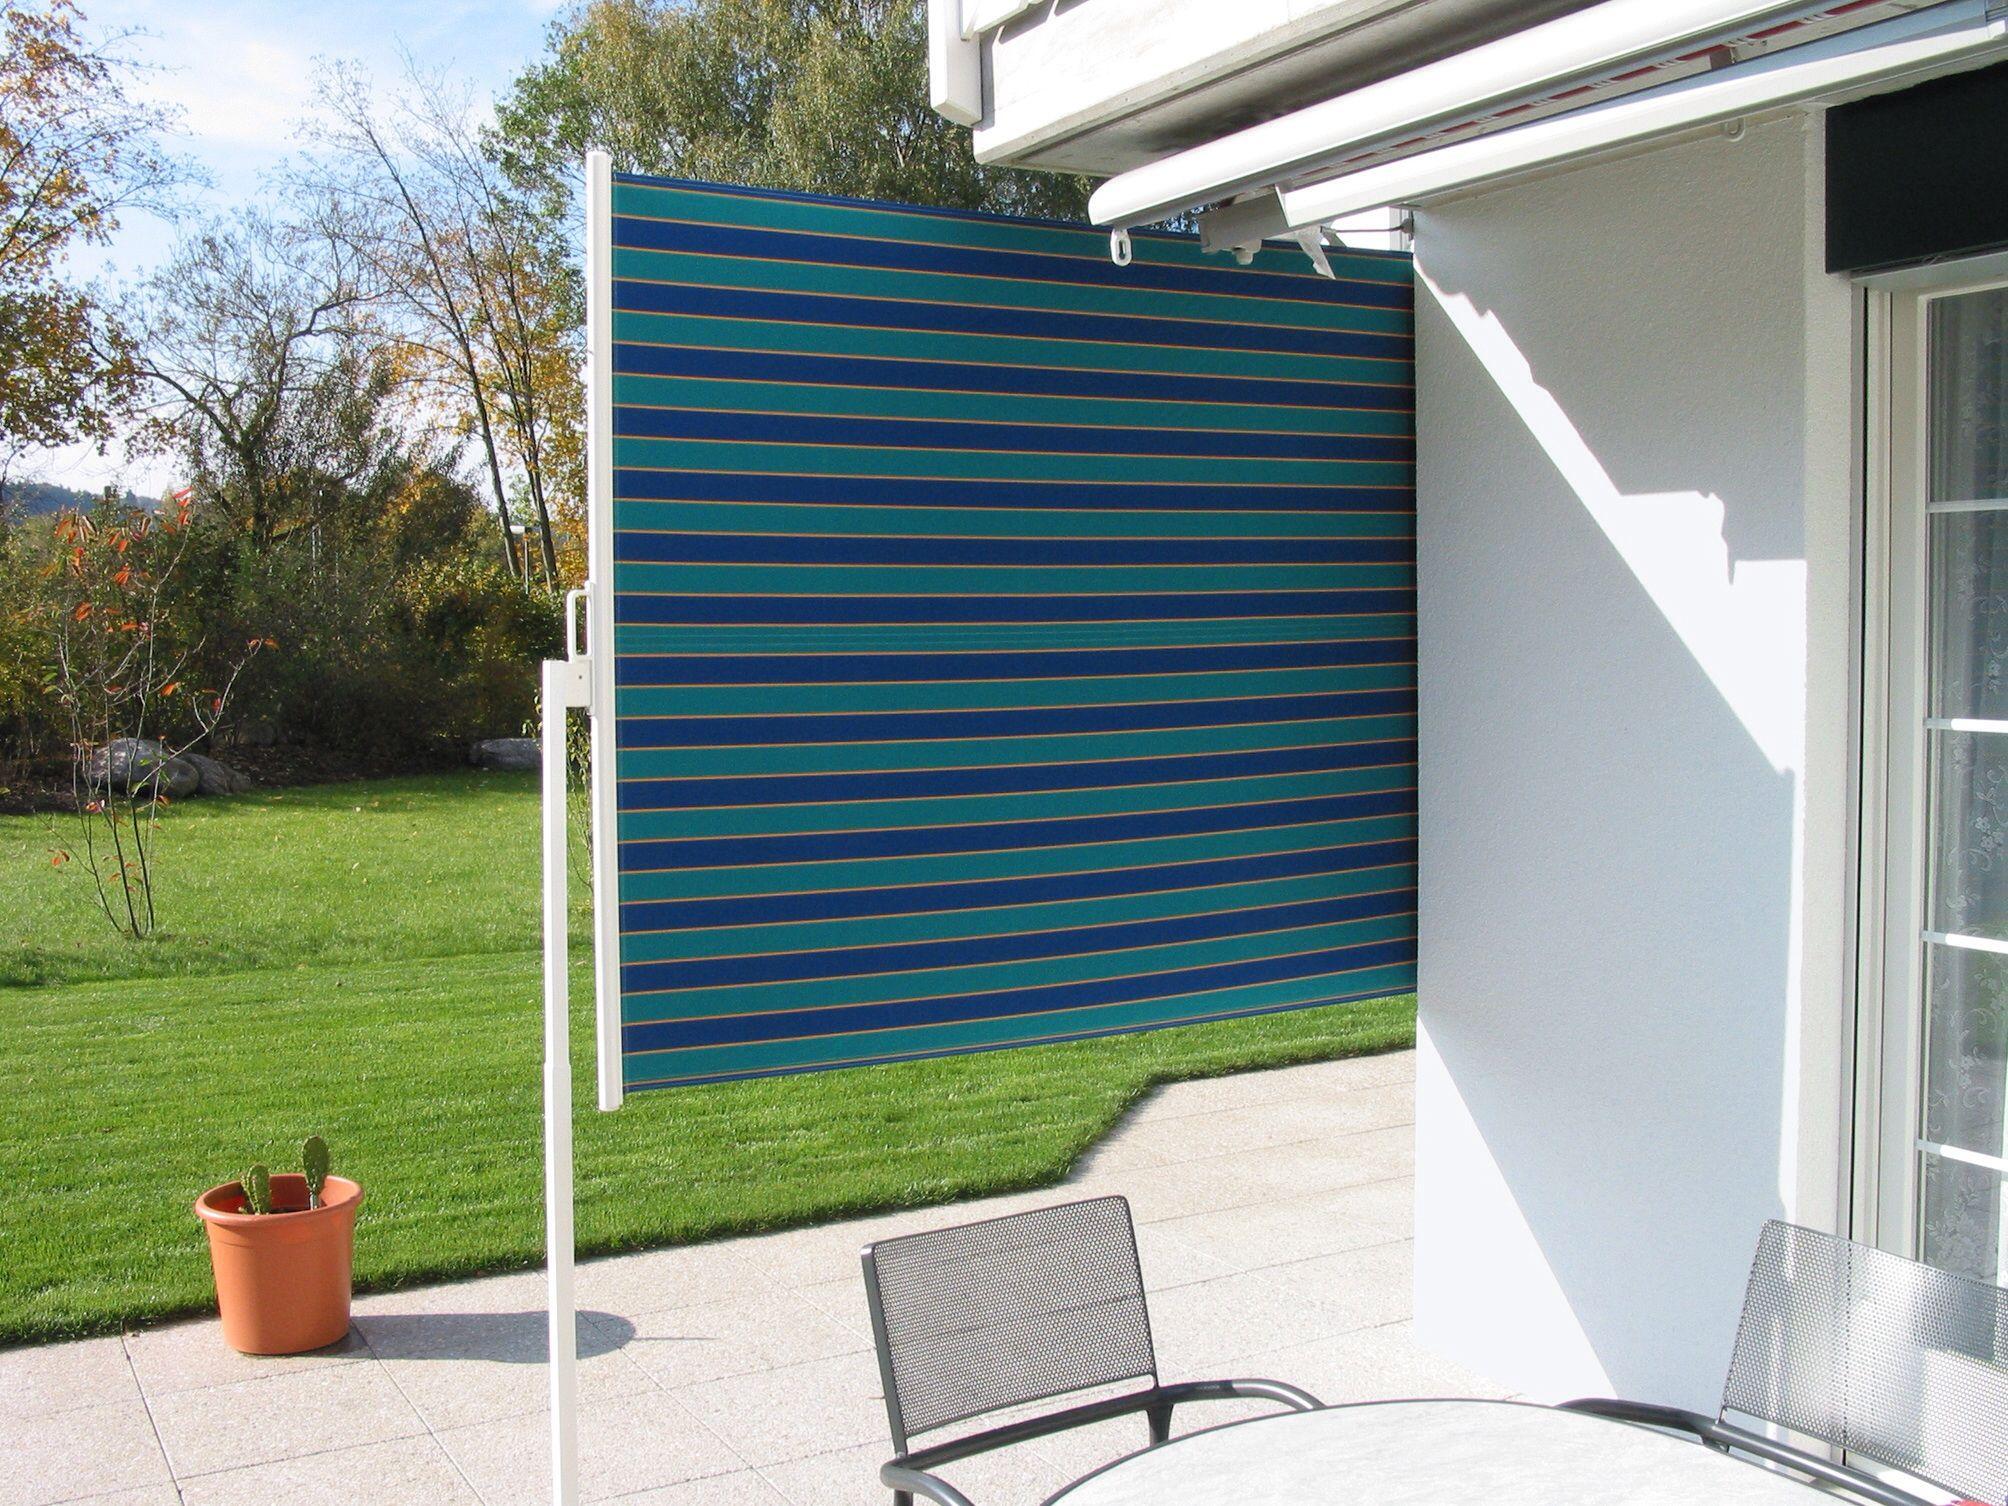 Prote de una manera sencilla y cómoda los laterales de tu terraza con este toldo autoportante. Muy práctico.